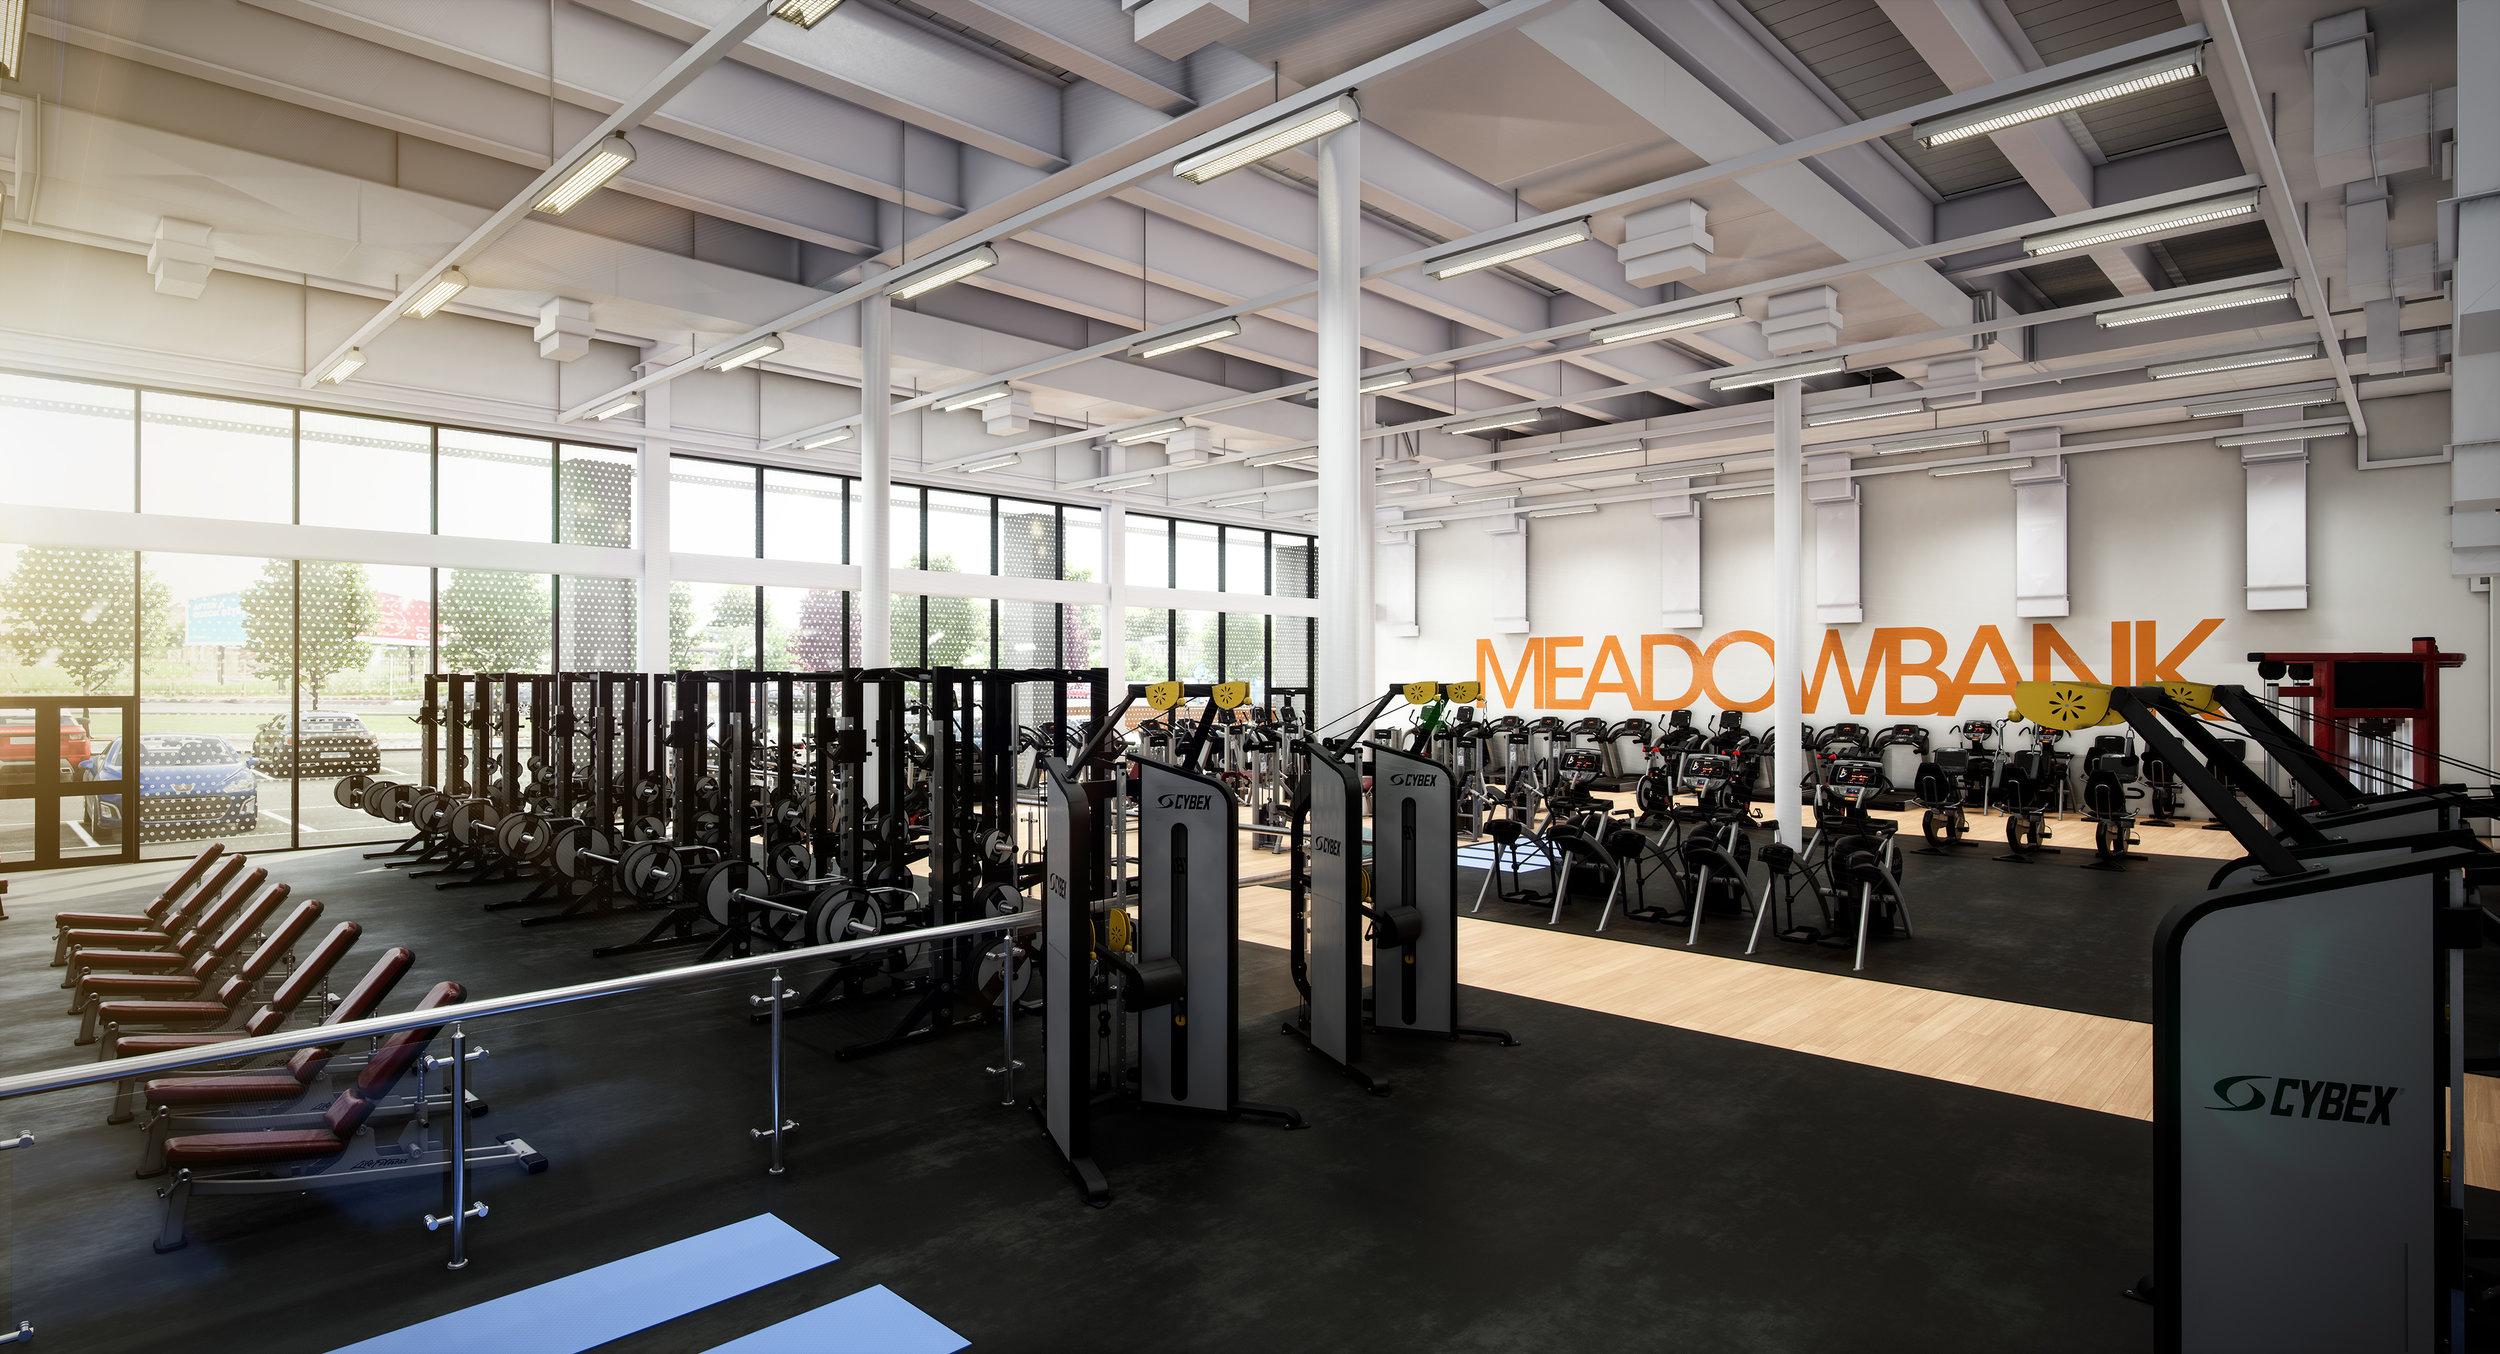 18_0015_VL_Meadowbank_FitnessSuite_13thDec2018.jpg